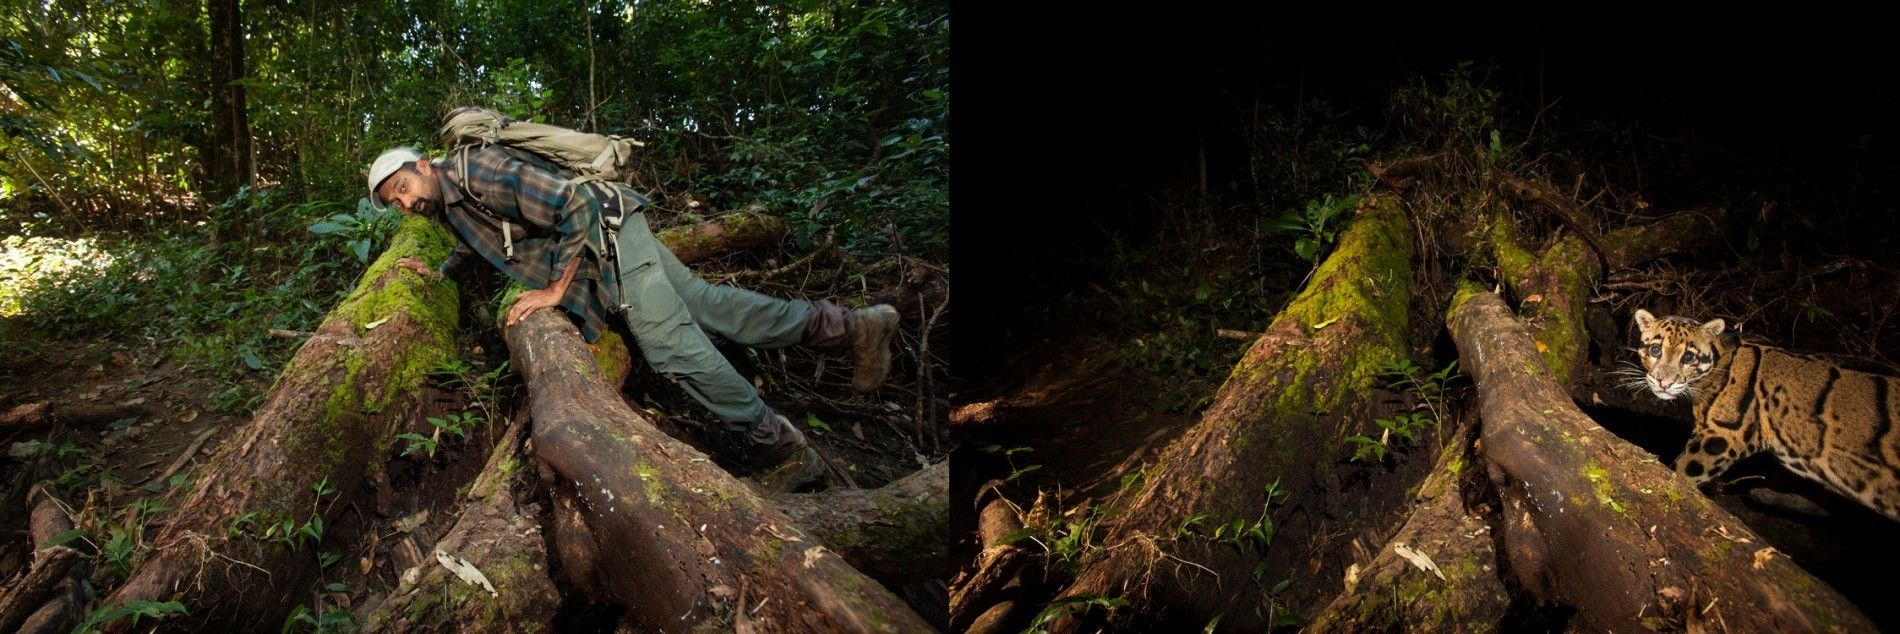 Test d'un piège photographique dans la région du Dampa, au nord de l'Inde. Cette détermination a ...